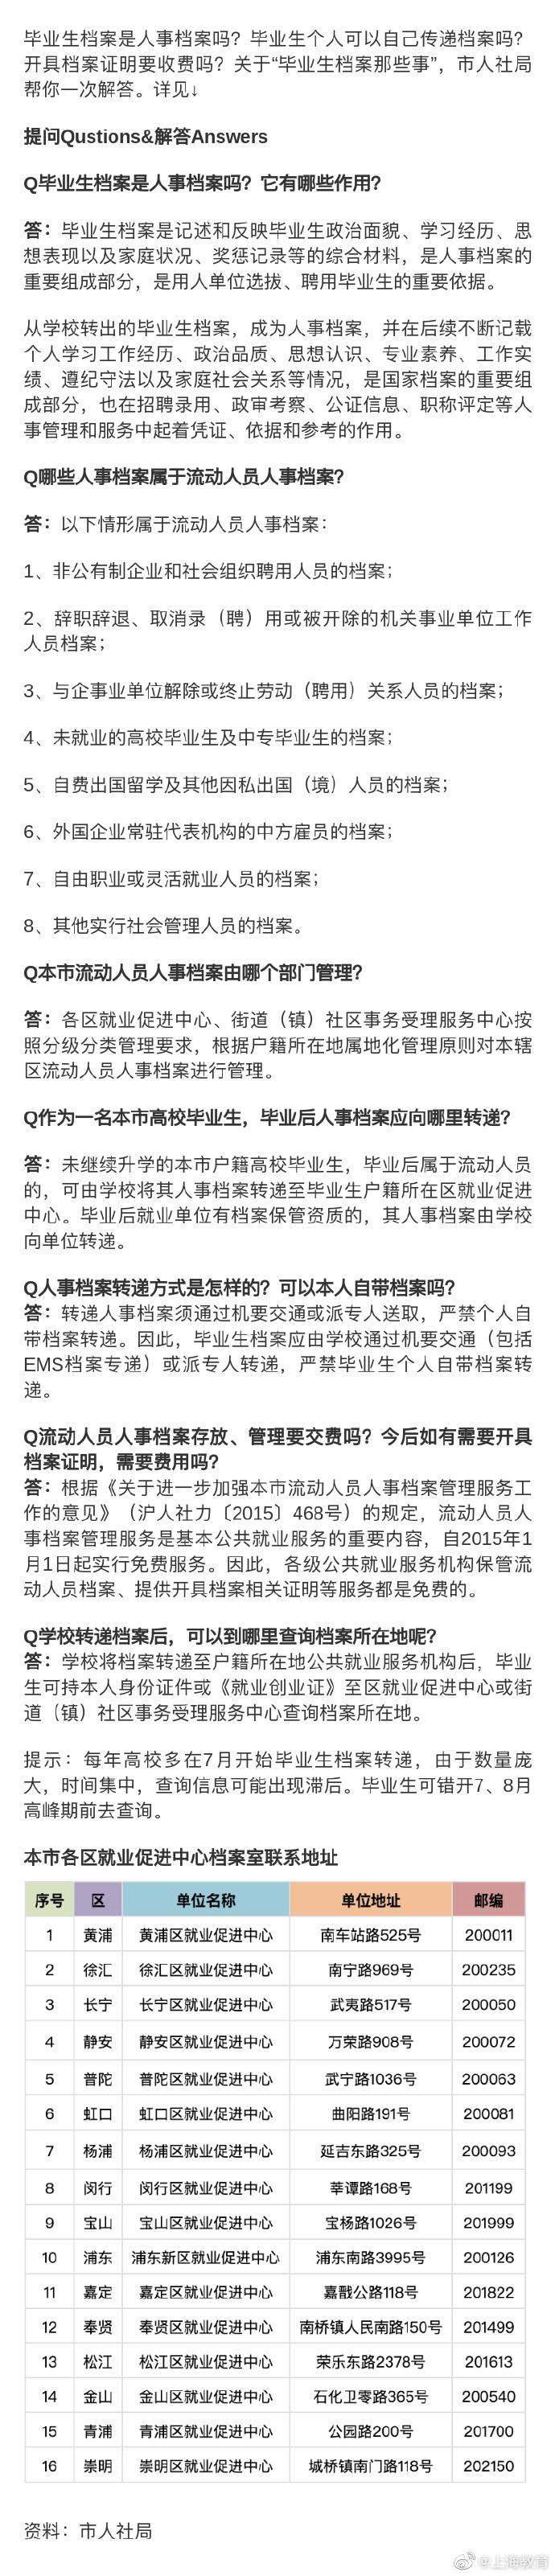 上海高校毕业生档案如何转递?来看解答